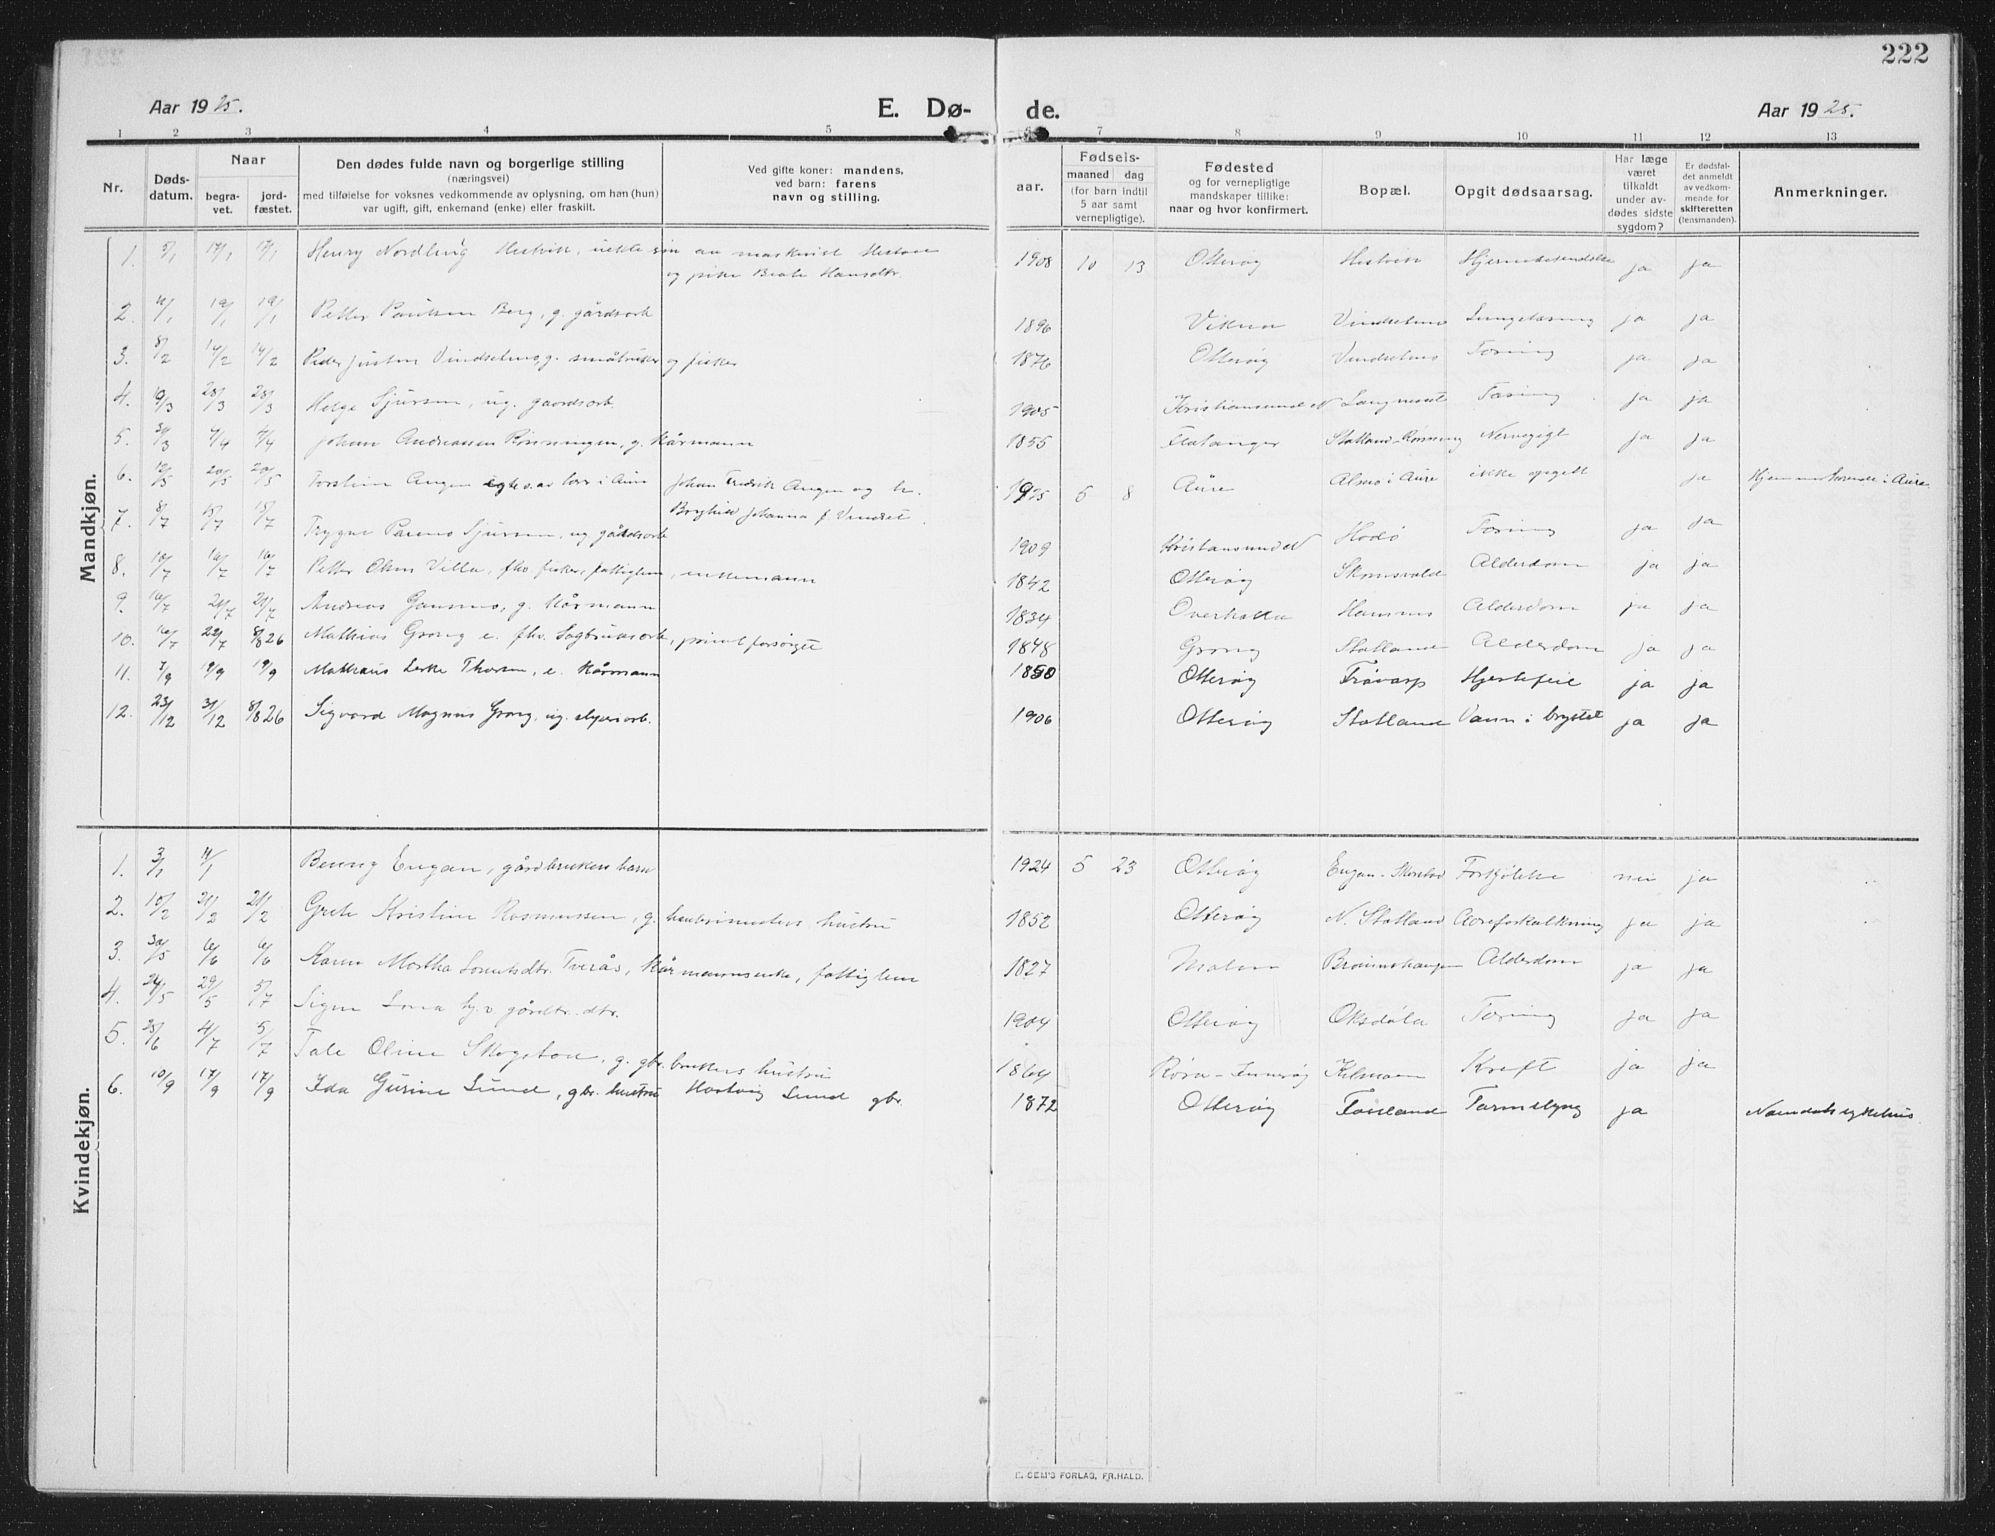 SAT, Ministerialprotokoller, klokkerbøker og fødselsregistre - Nord-Trøndelag, 774/L0630: Klokkerbok nr. 774C01, 1910-1934, s. 222